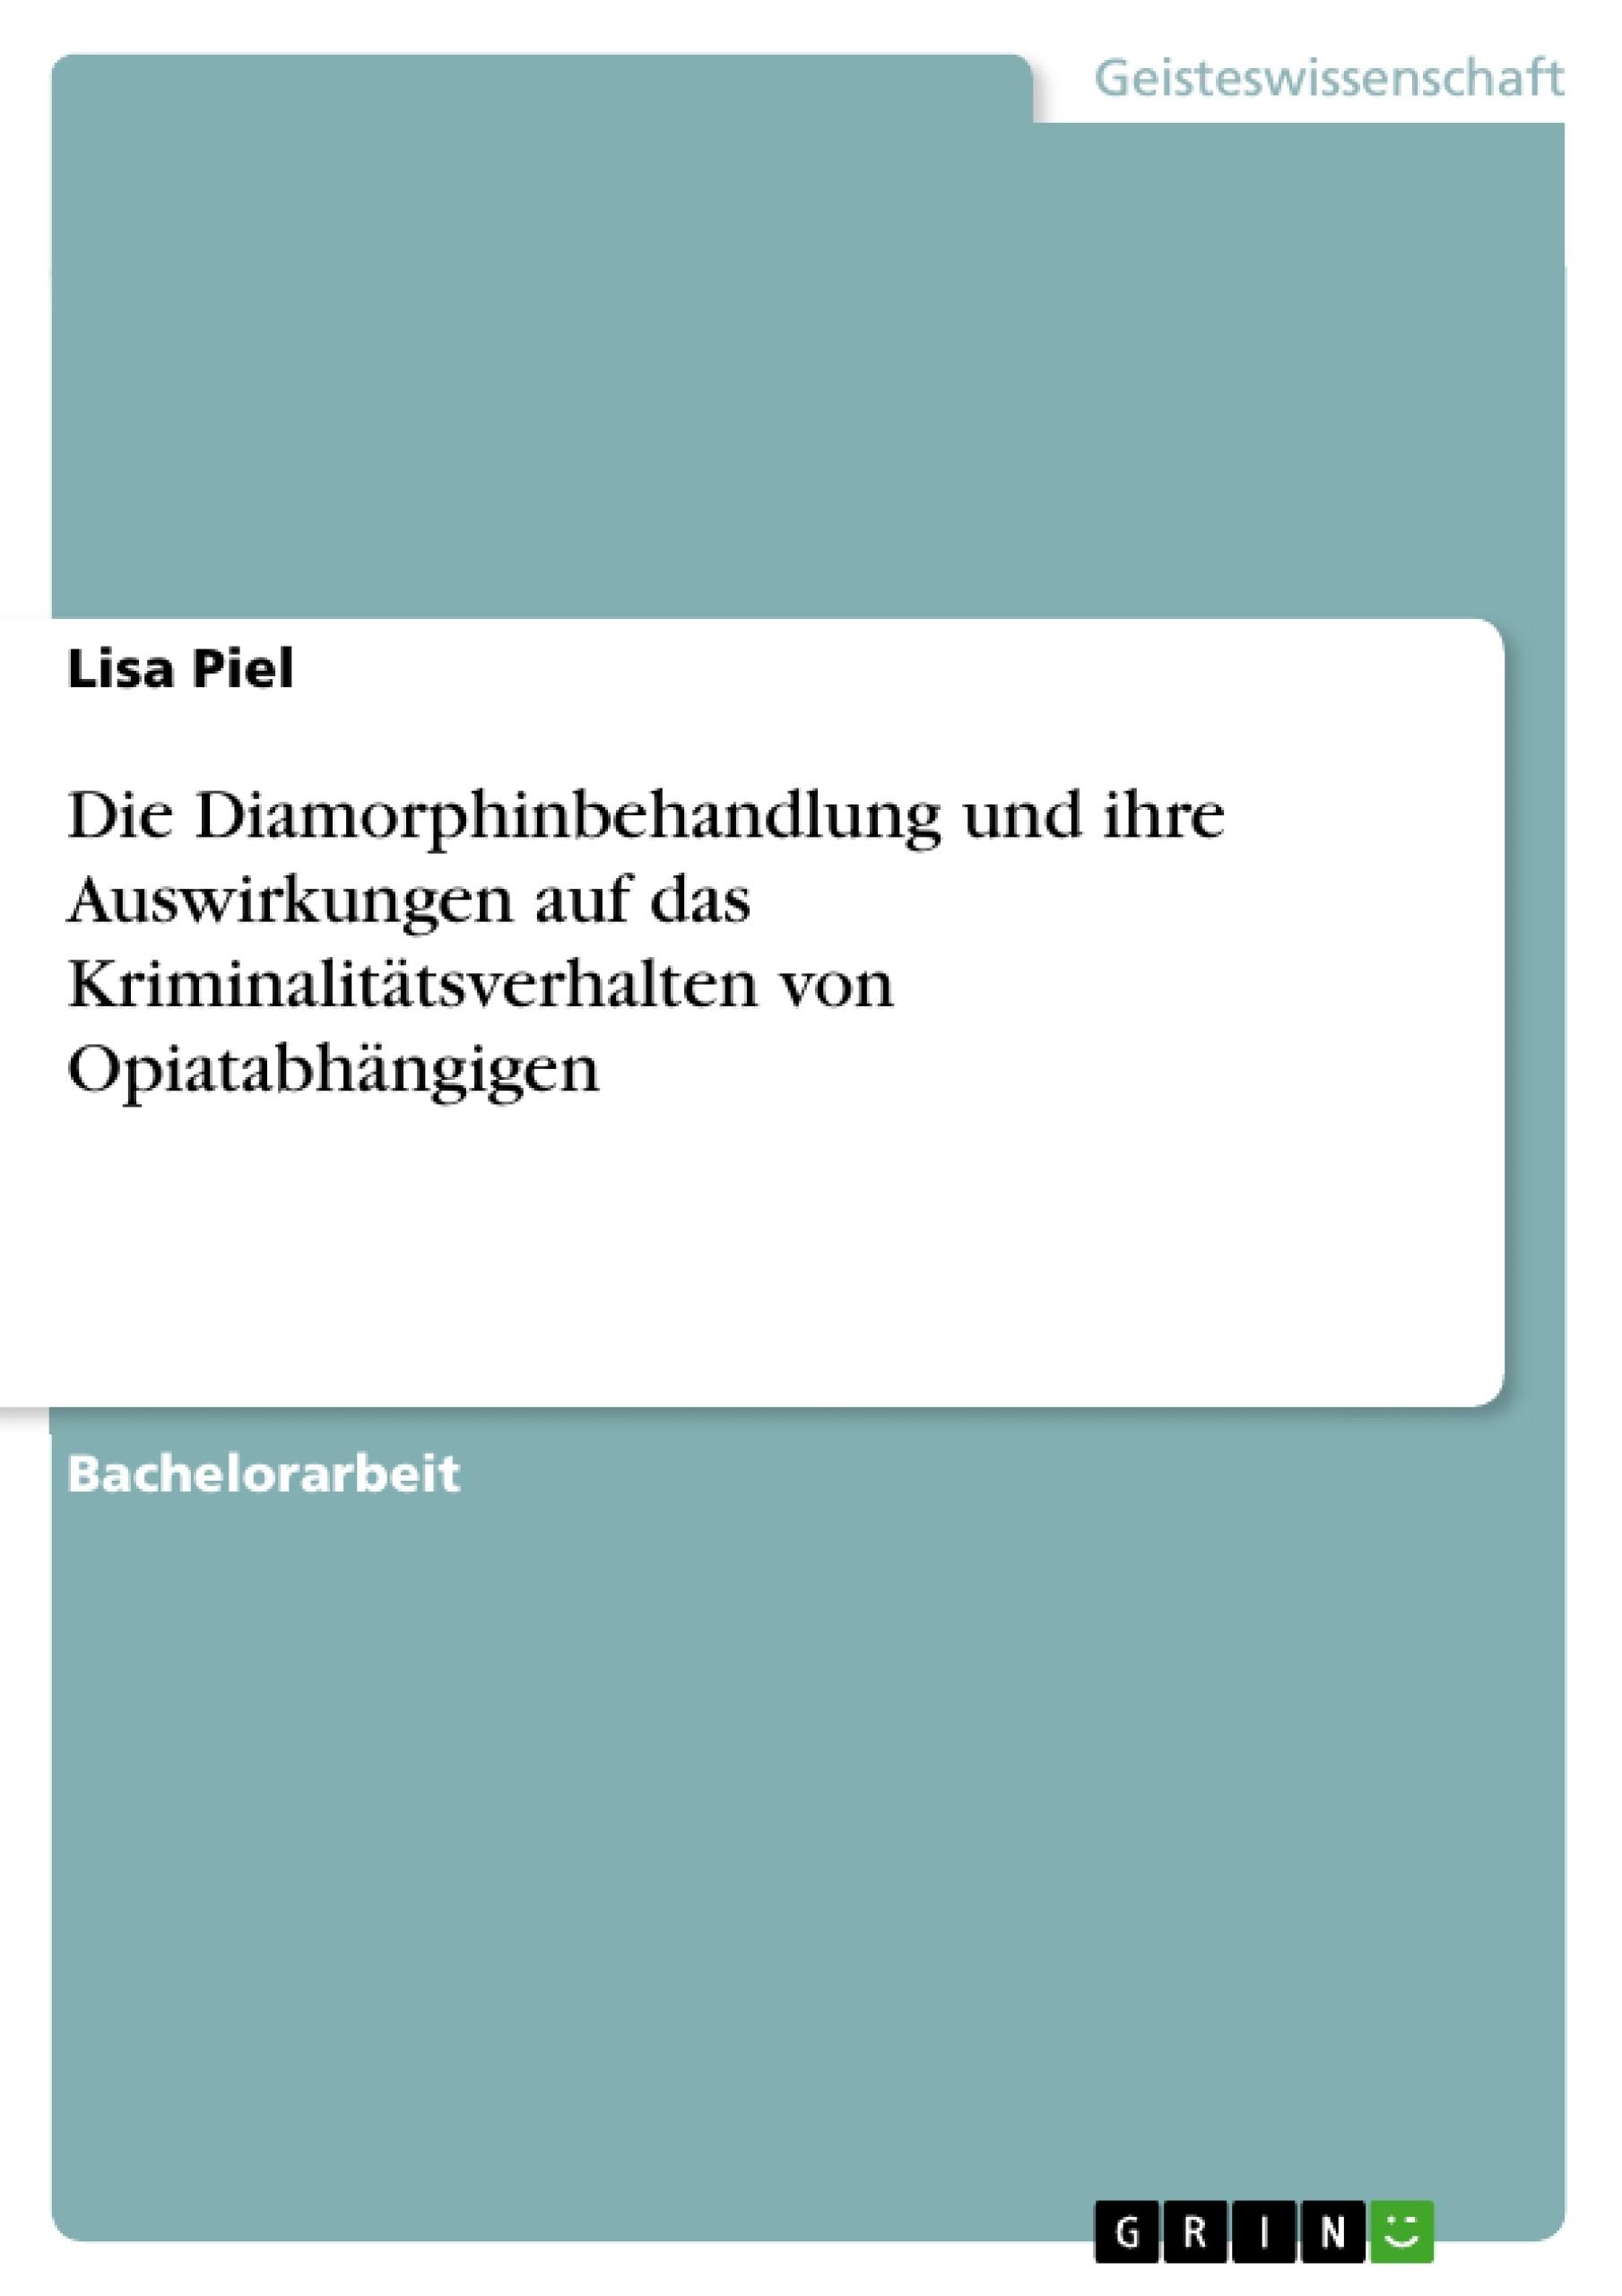 Titel: Die Diamorphinbehandlung und ihre Auswirkungen auf das Kriminalitätsverhalten von Opiatabhängigen